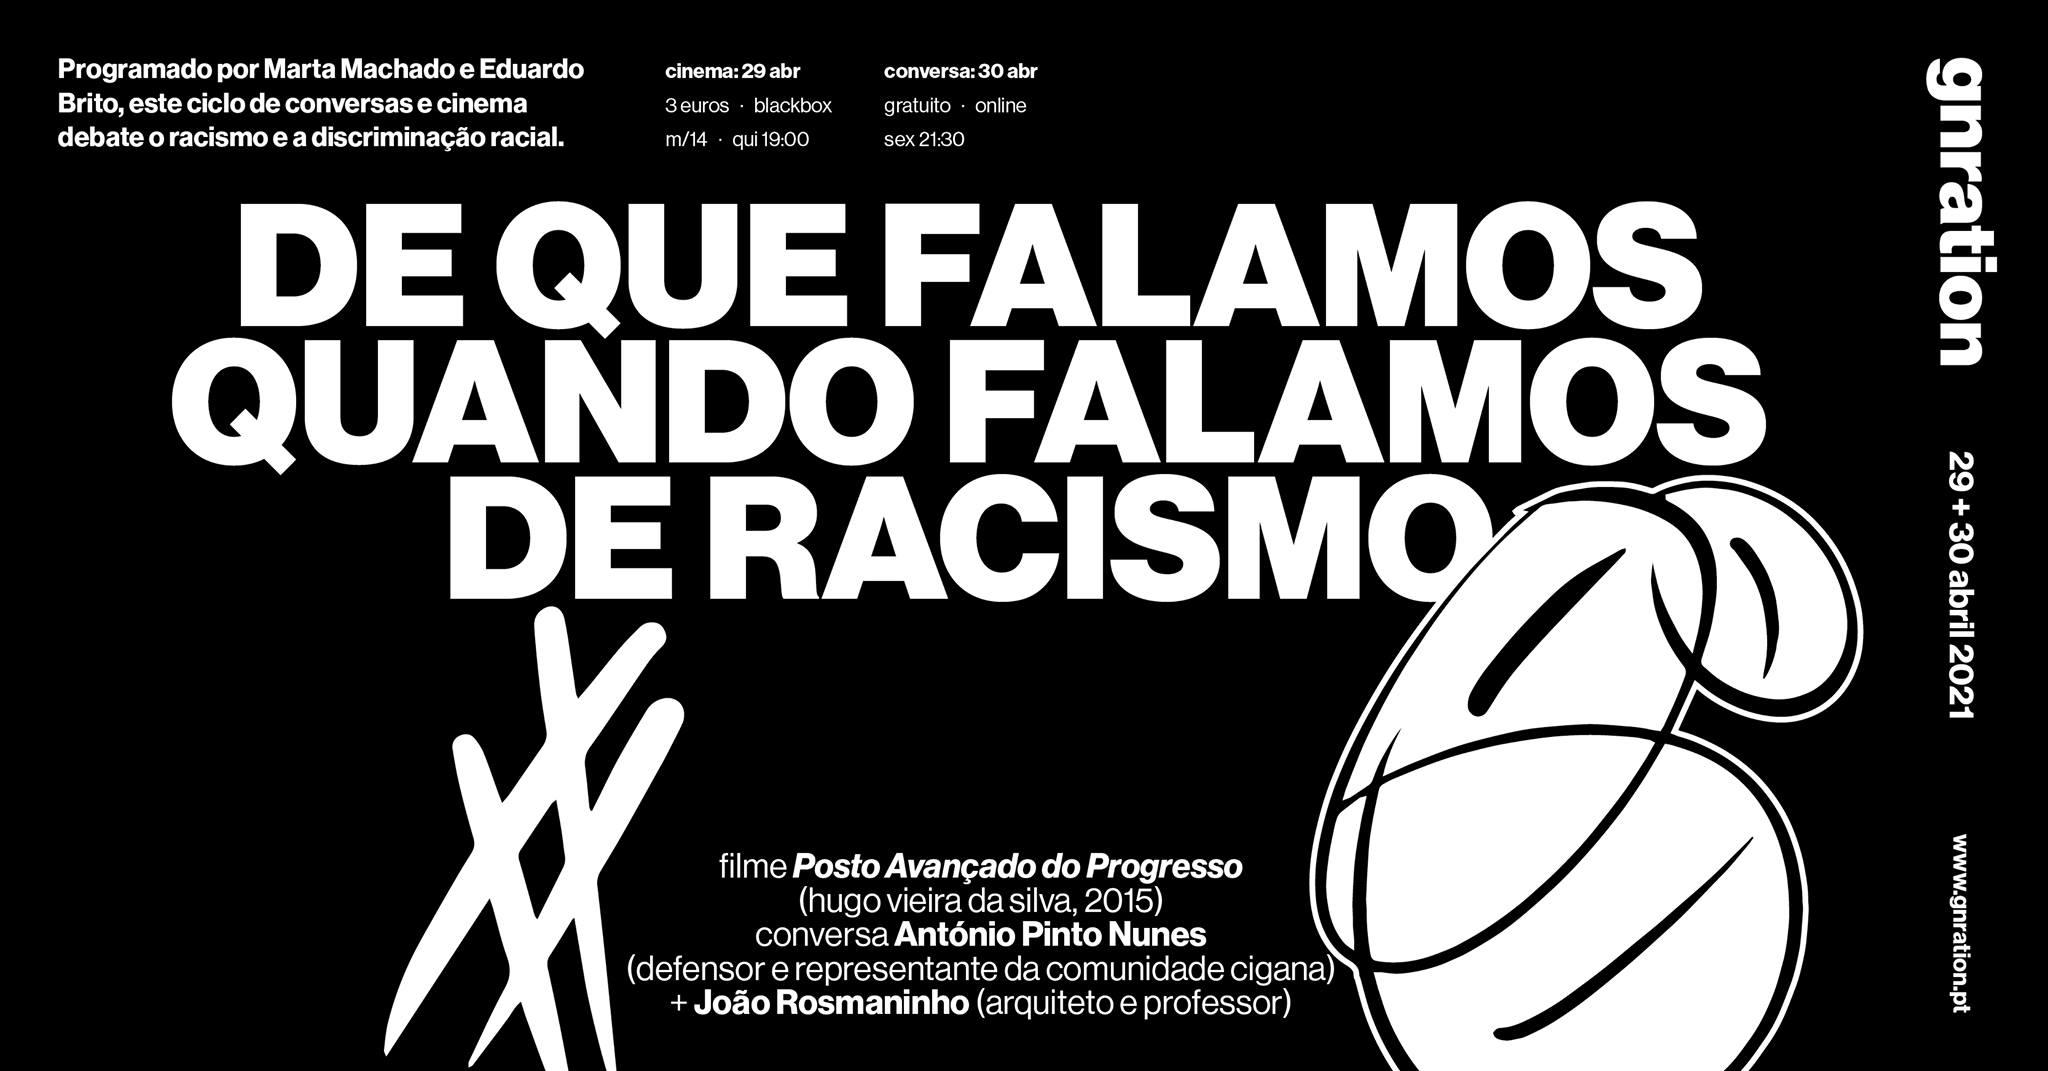 De que falamos quando falamos de racismo #6 —  António Pinto Nunes